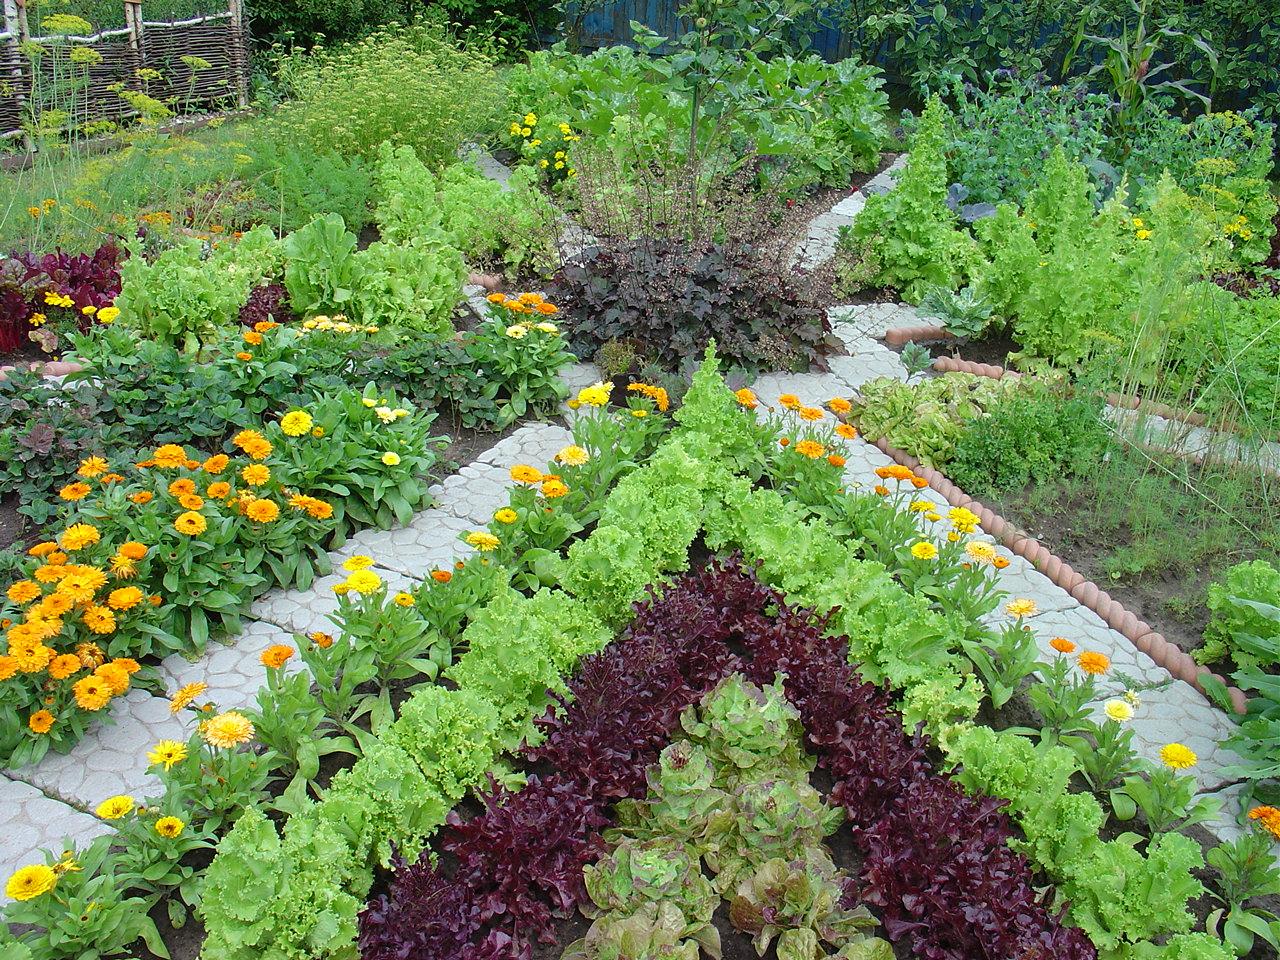 правило, цветник в саду и огороде фото богатство природы региона